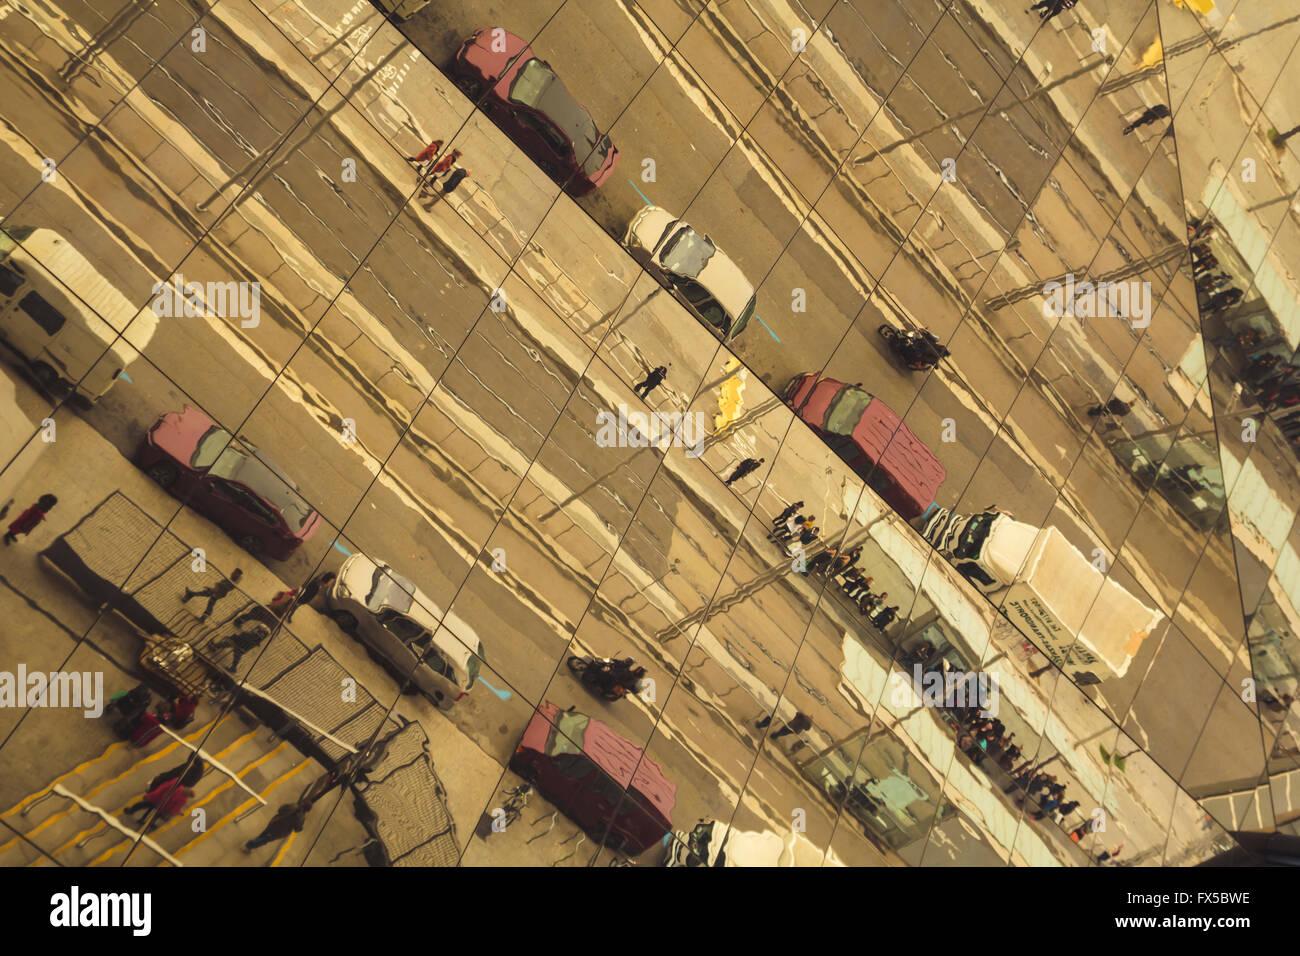 Straße Reflexionen, mit Autos und Menschen Stockfoto